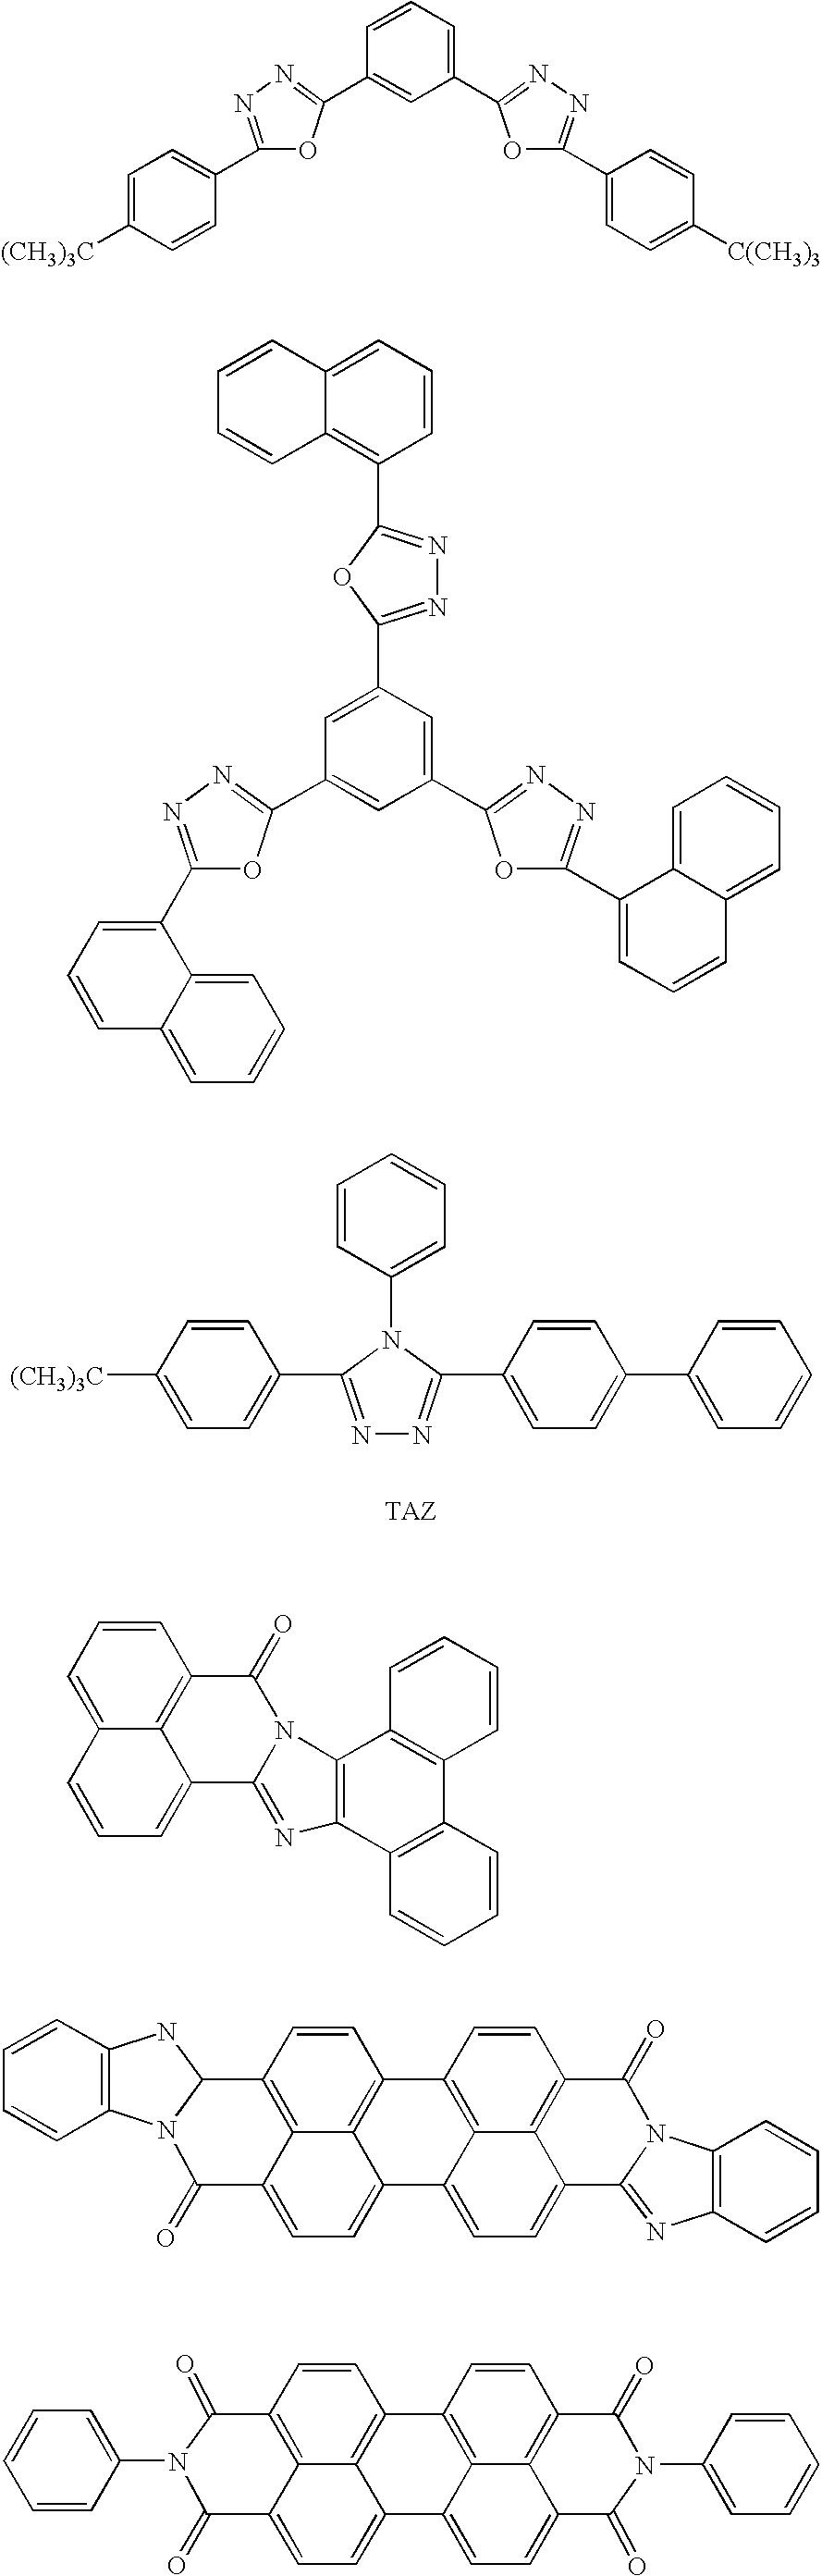 Figure US20070257609A1-20071108-C00007